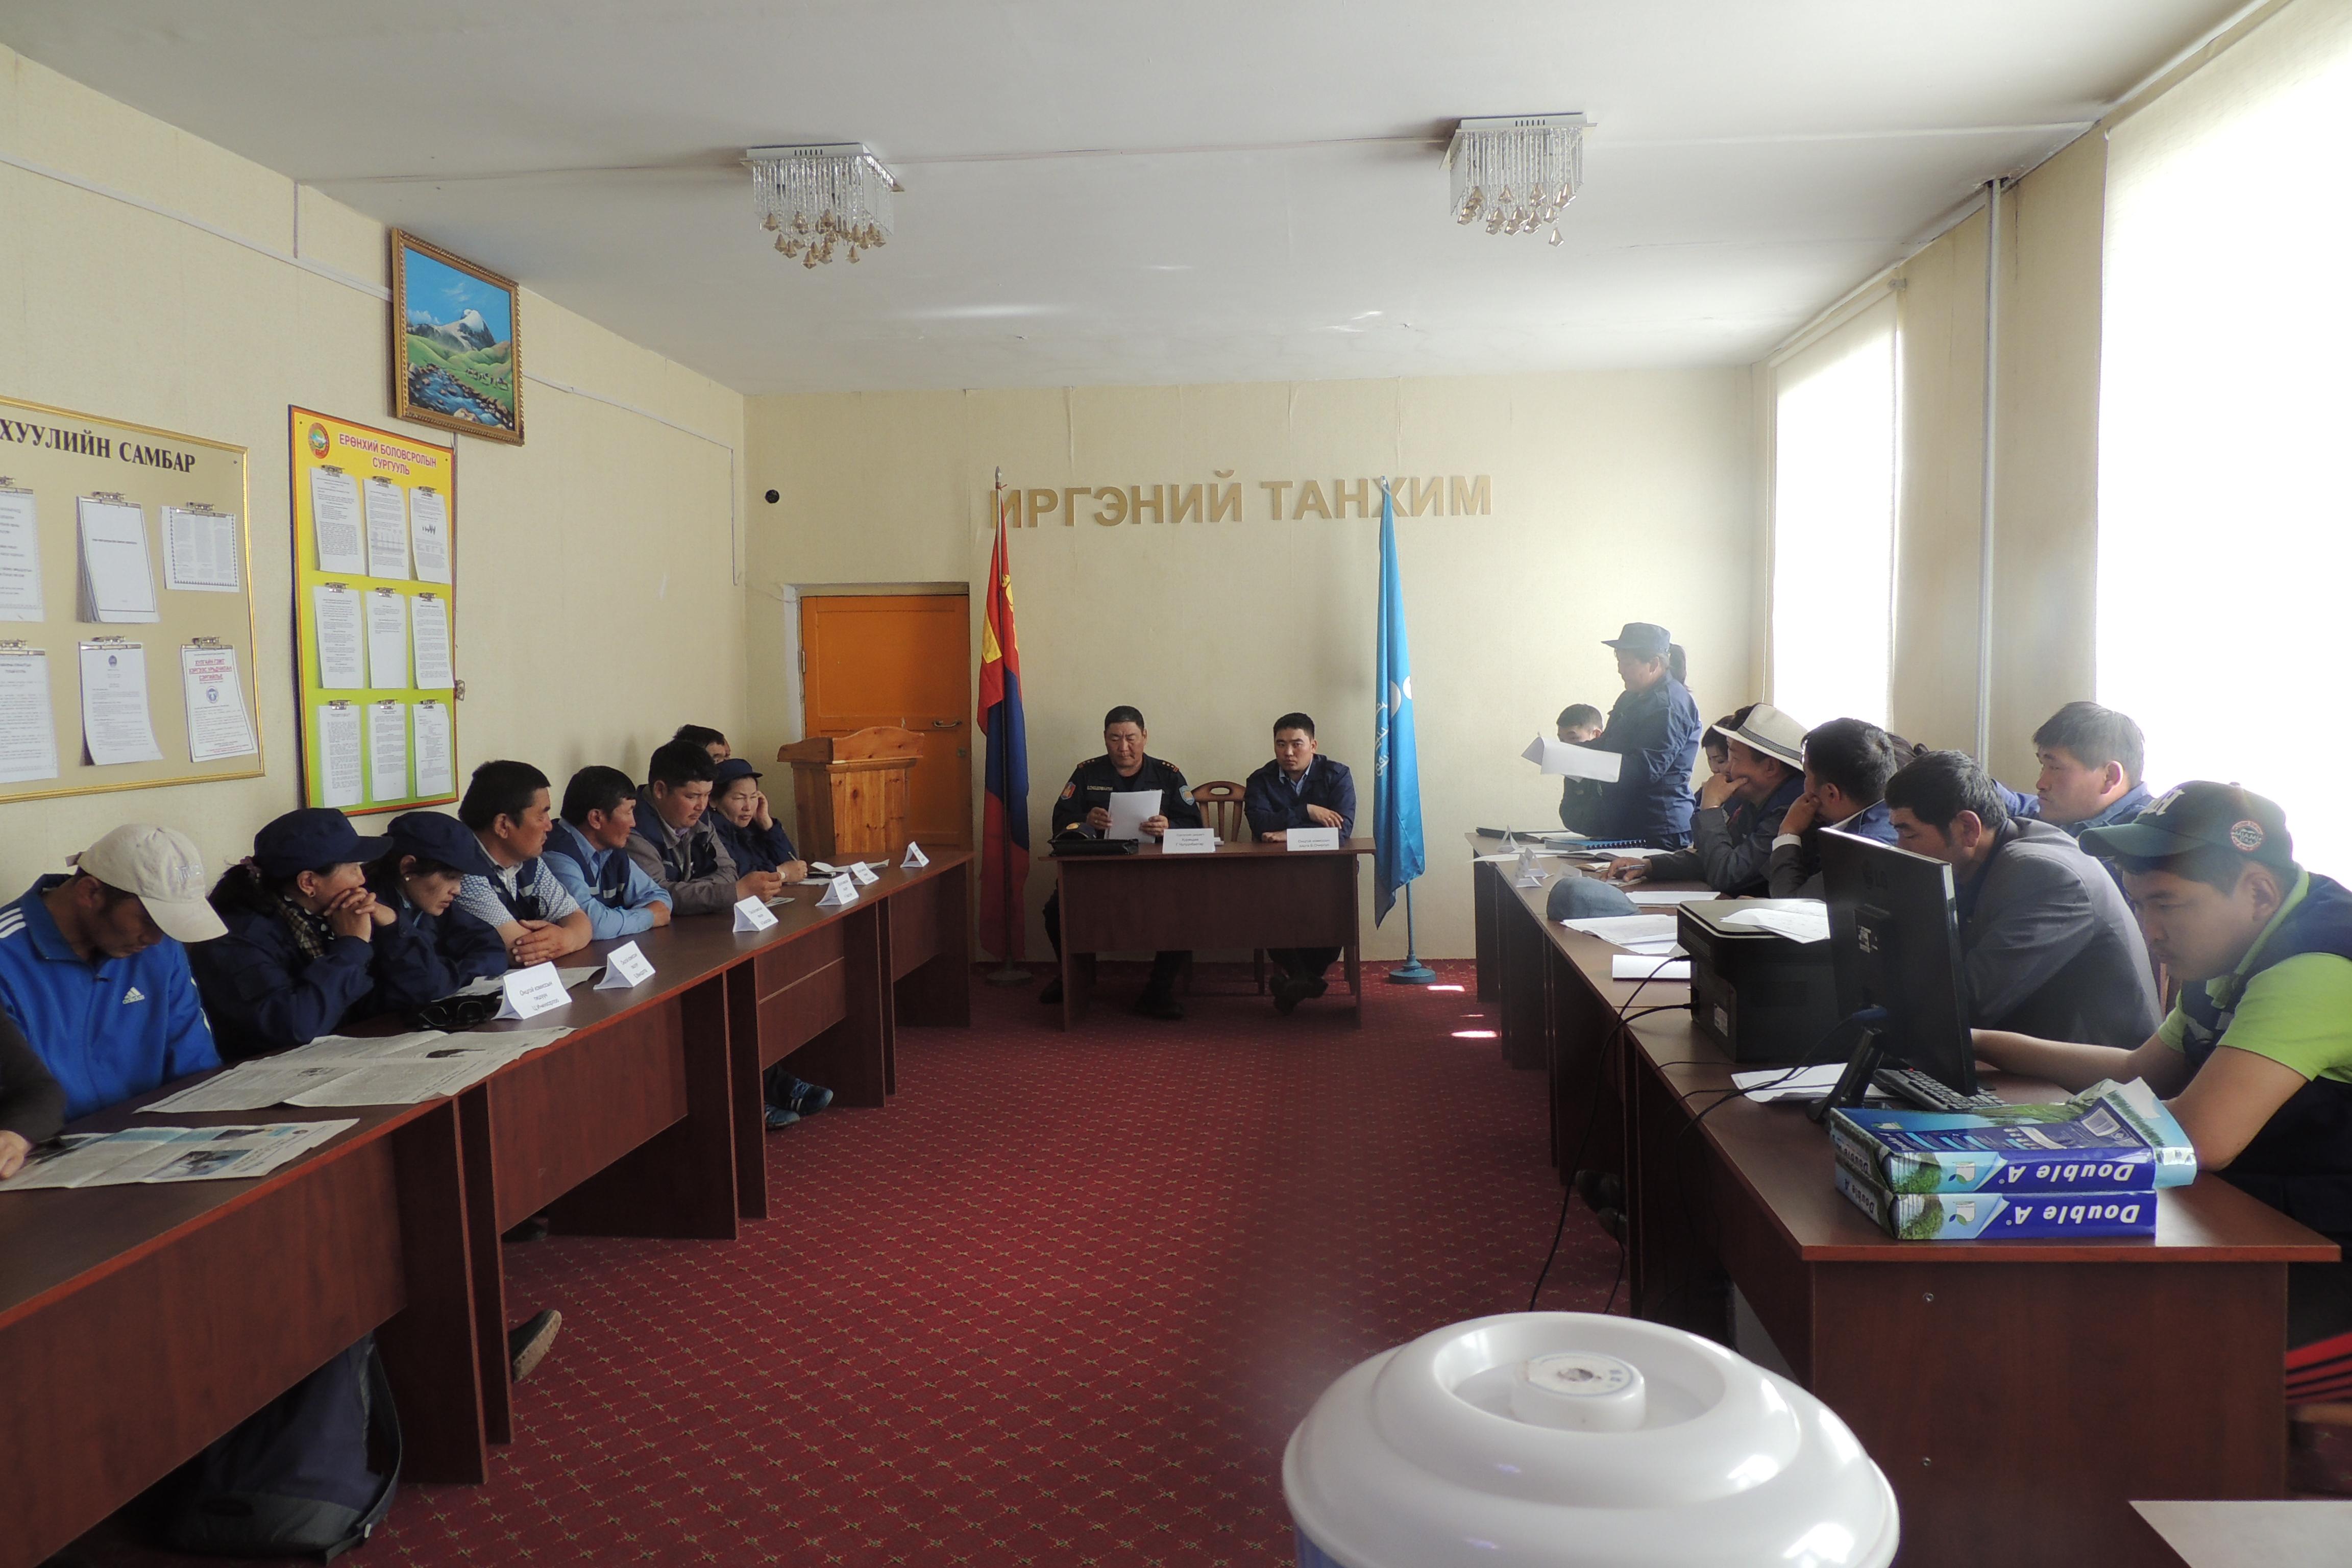 Өвөрхангай аймгийн Бүрд суманд гамшгаас хамгаалах удирдах бүрэлдэхүүний сургууль зохион байгууллаа